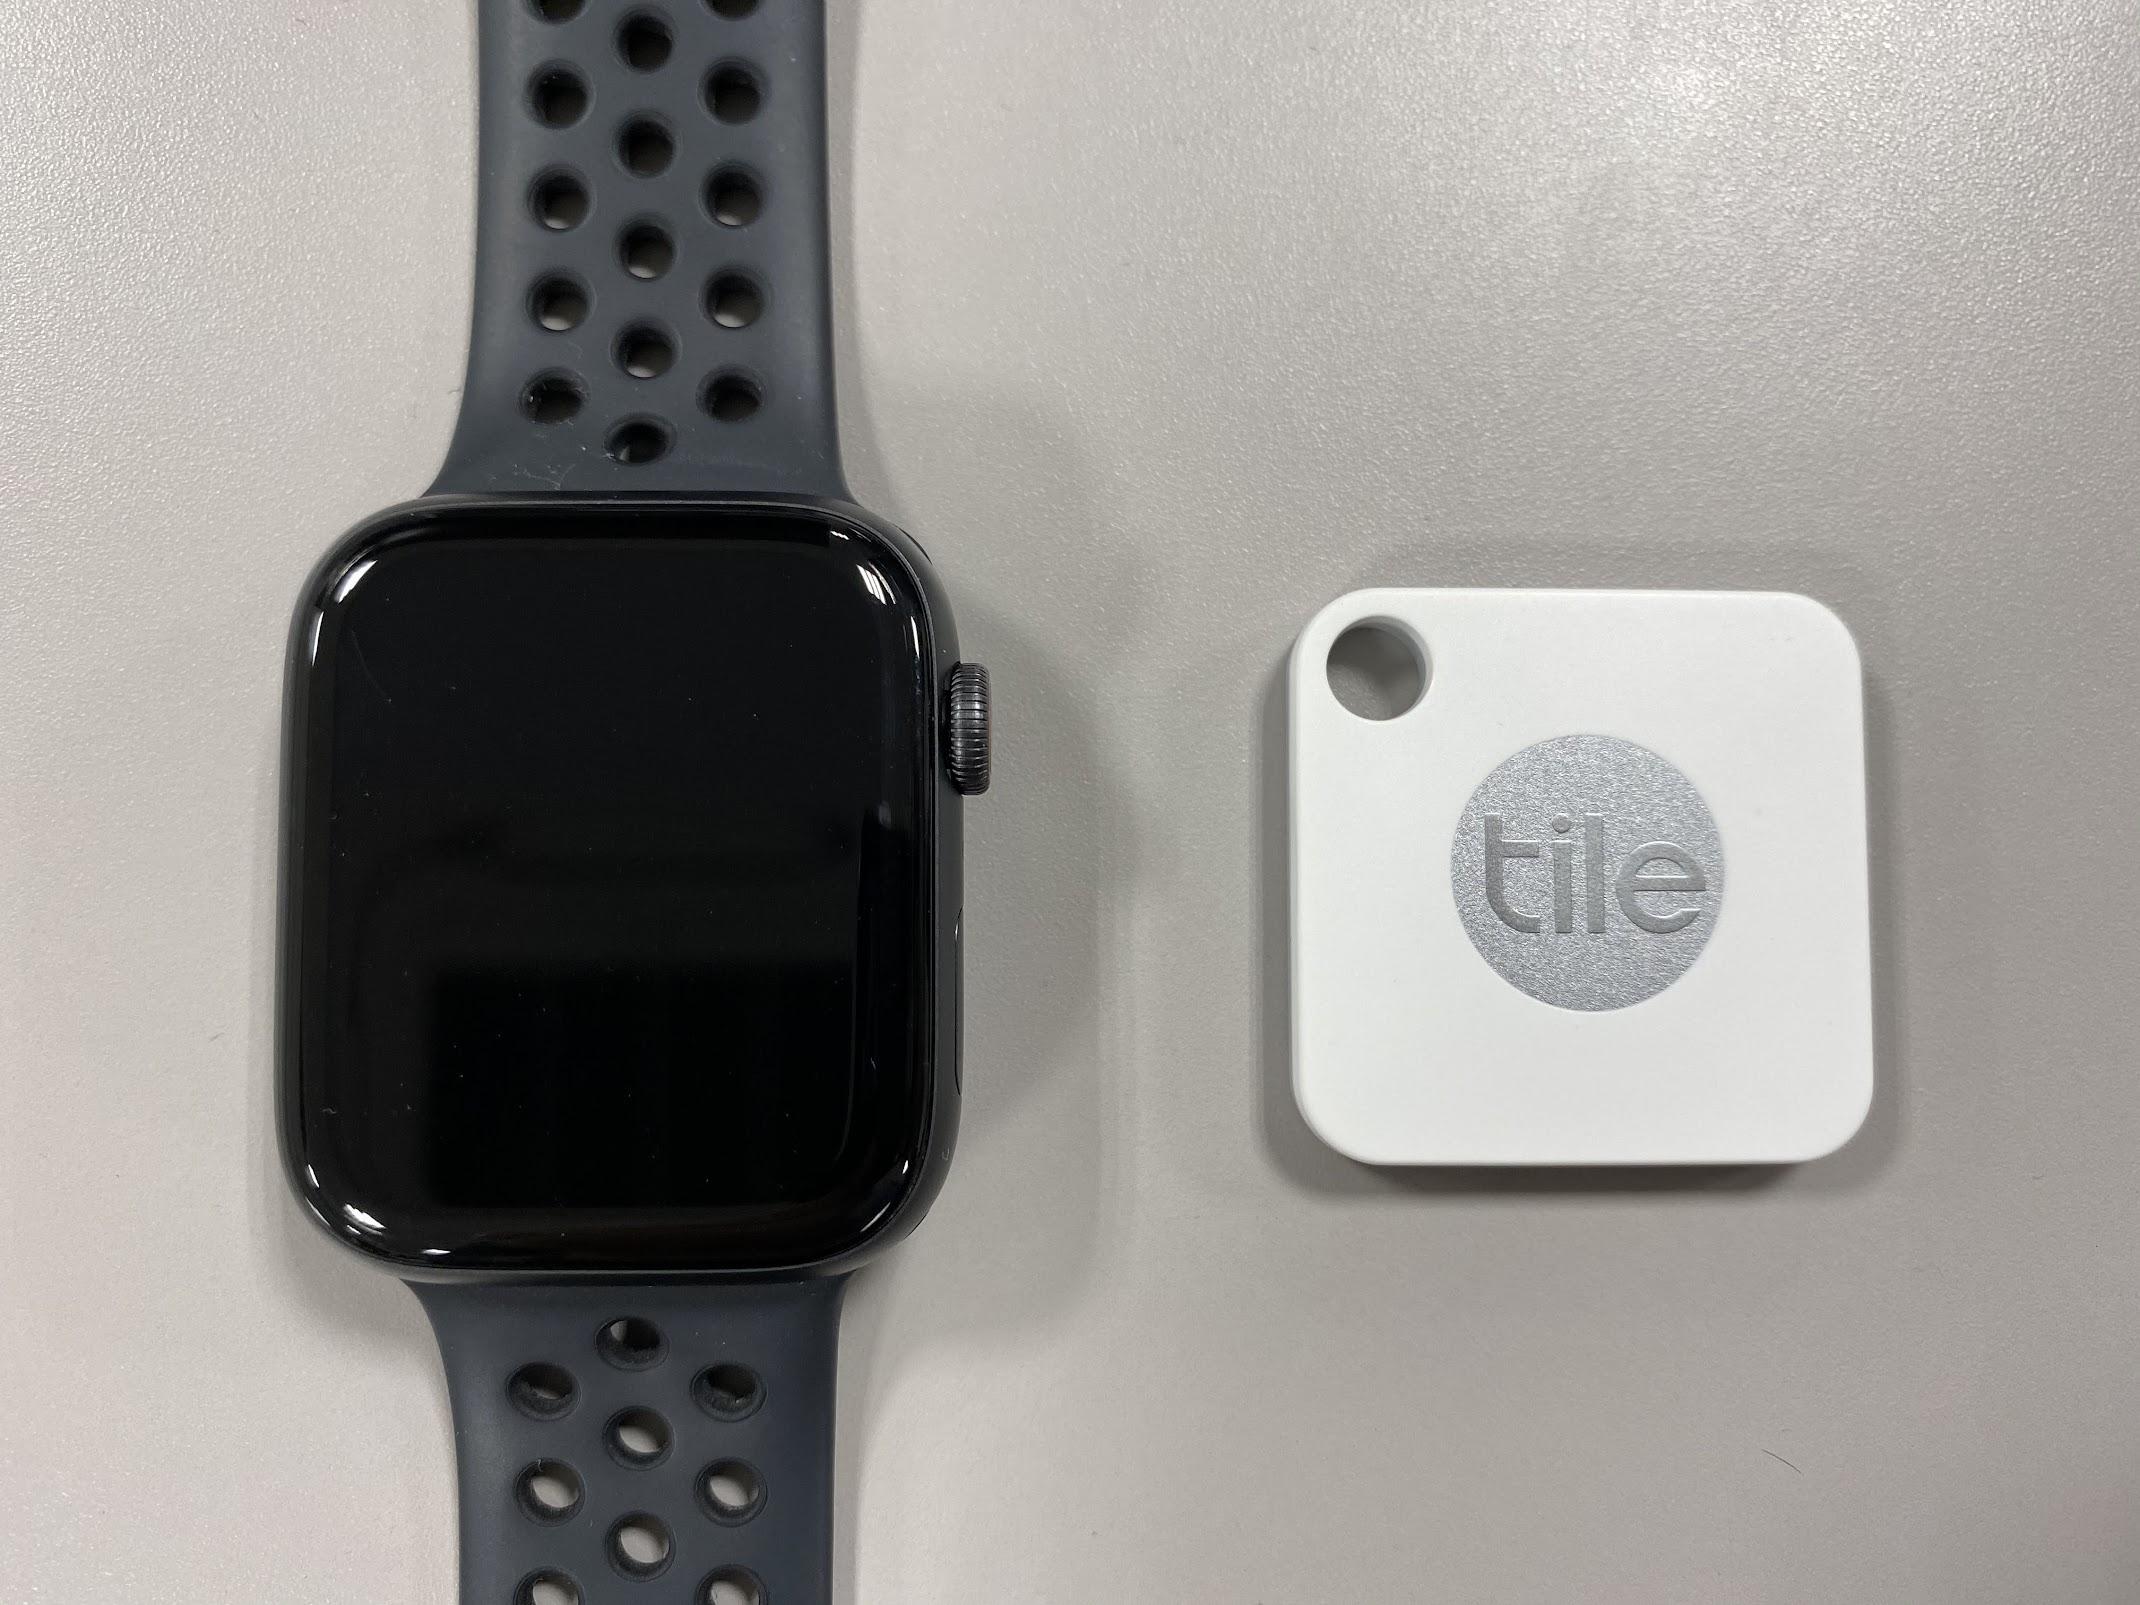 AppleWatchとTileのサイズ比較